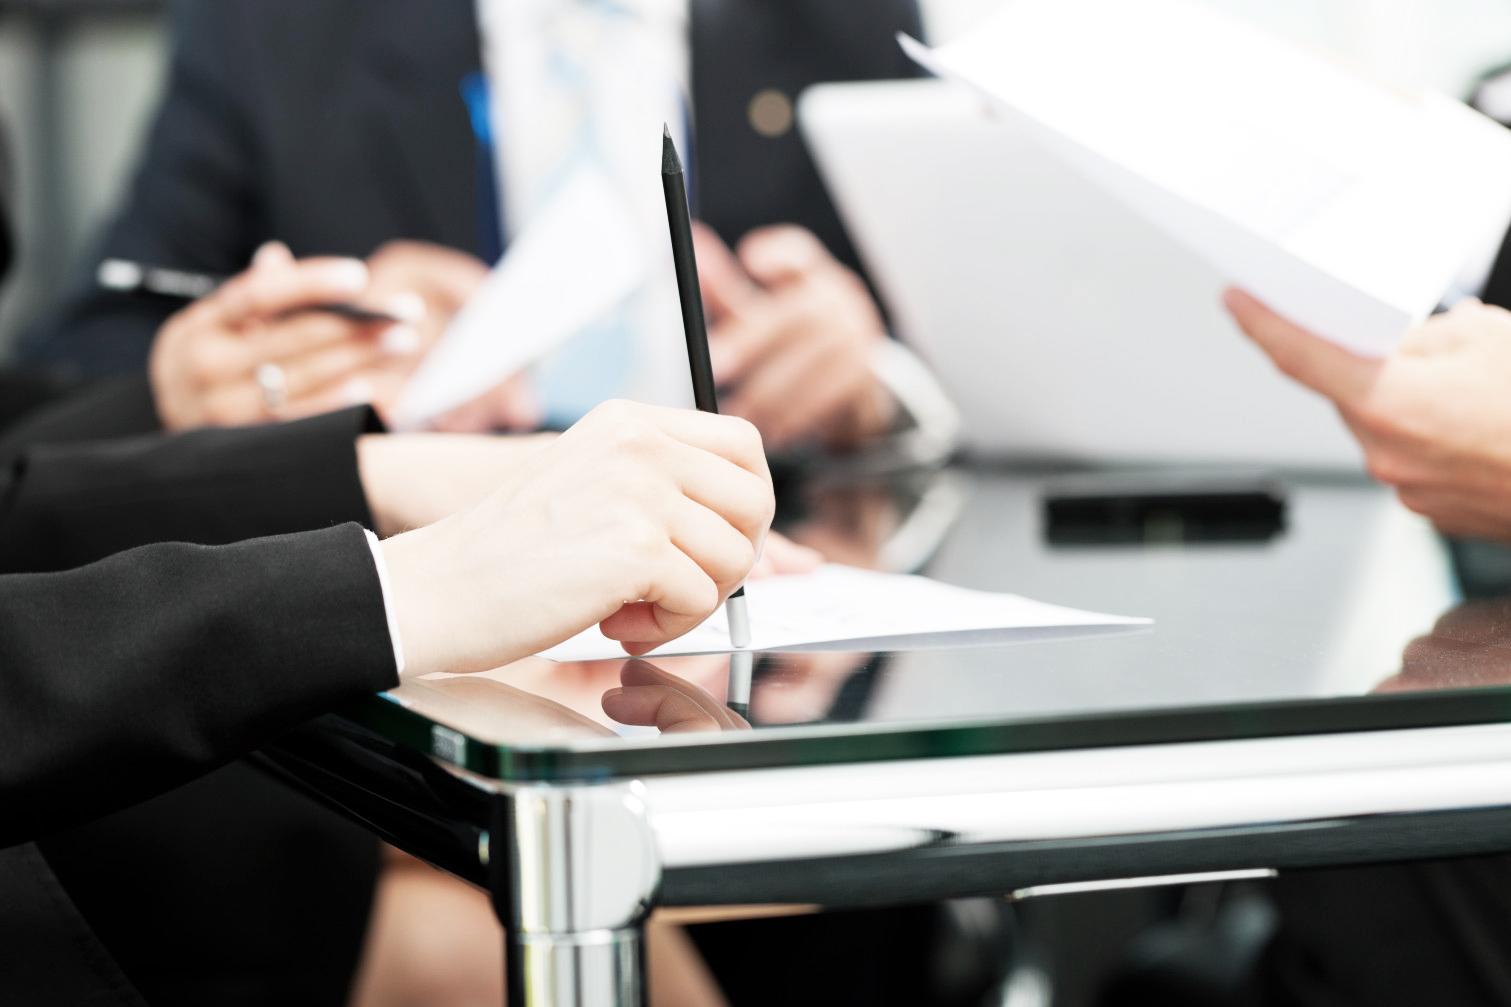 Pri večini pravnih poslov je potrebna overitev podpisov vir: huffpostcom